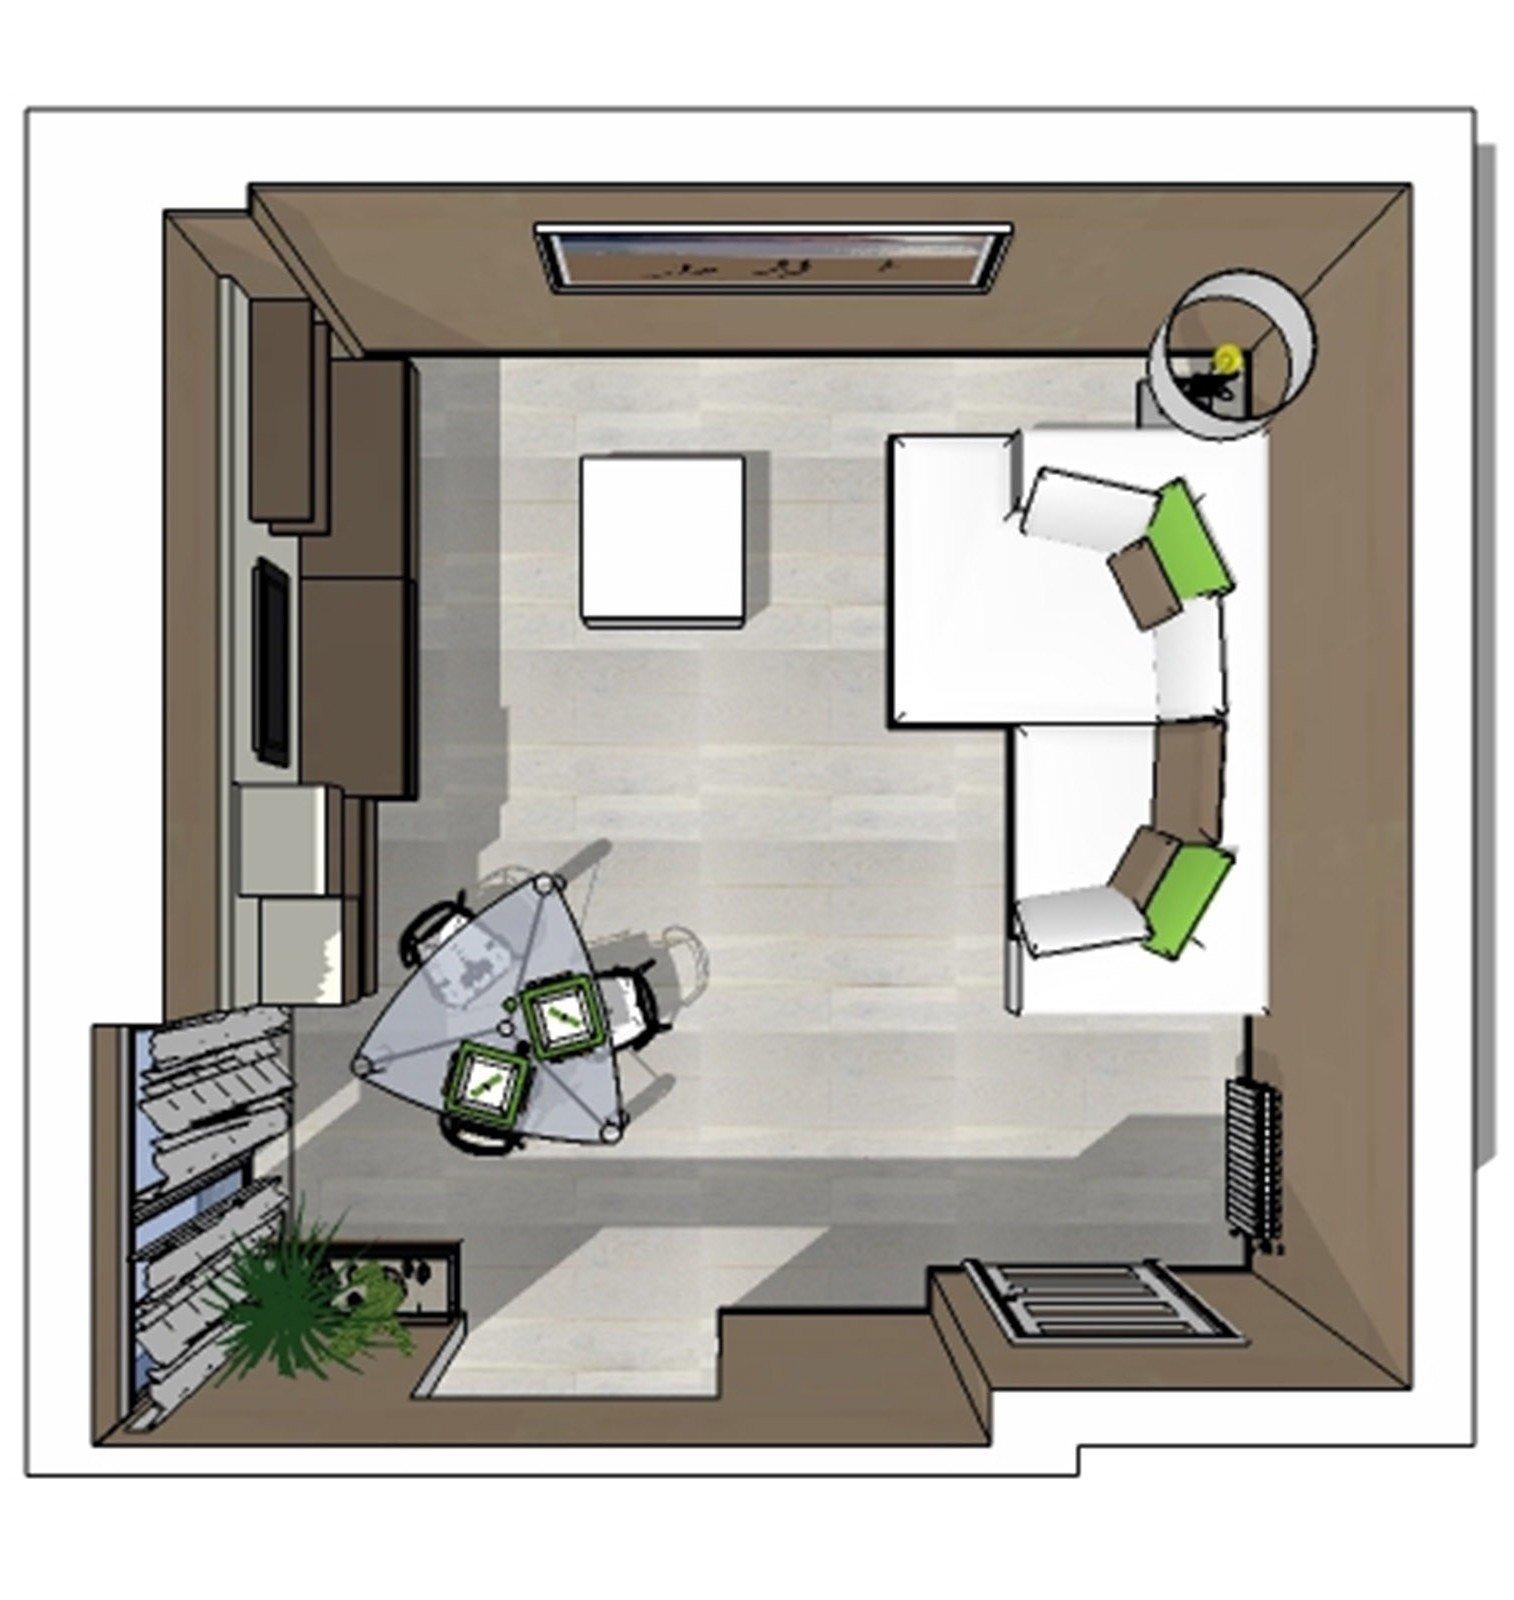 un progetto per arredare il soggiorno conservando alcuni mobili ... - Come Arredare Un Soggiorno Rettangolare